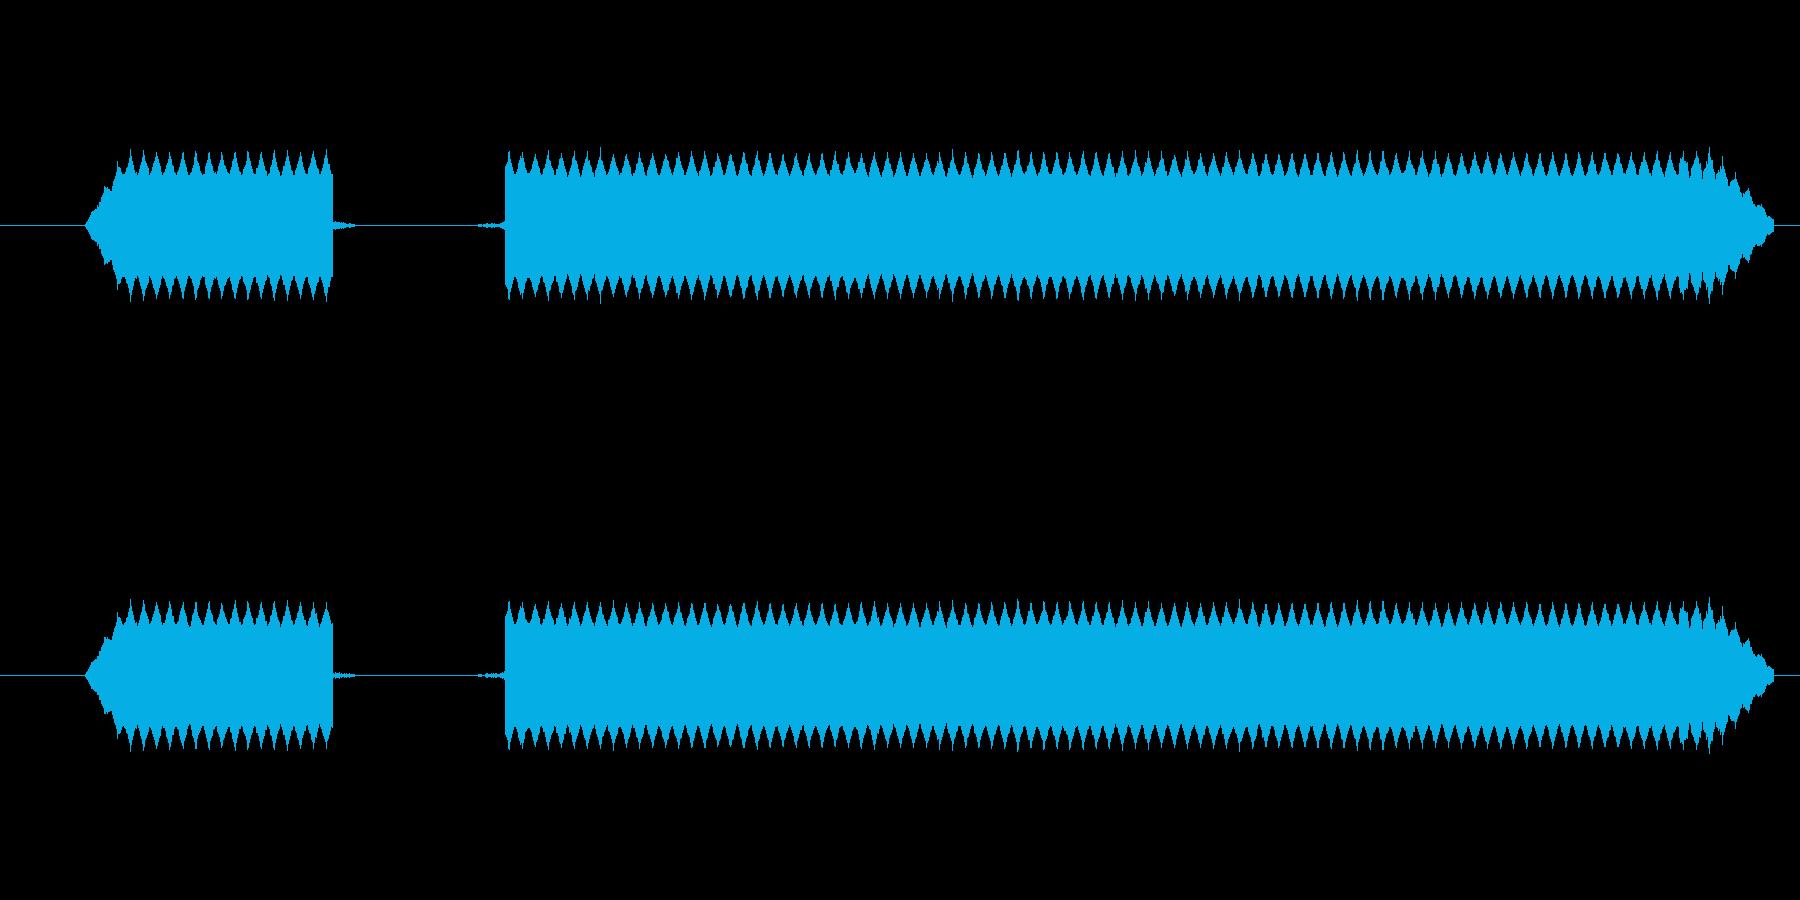 ブブー【エラー音、ブザー、不正解、失敗】の再生済みの波形